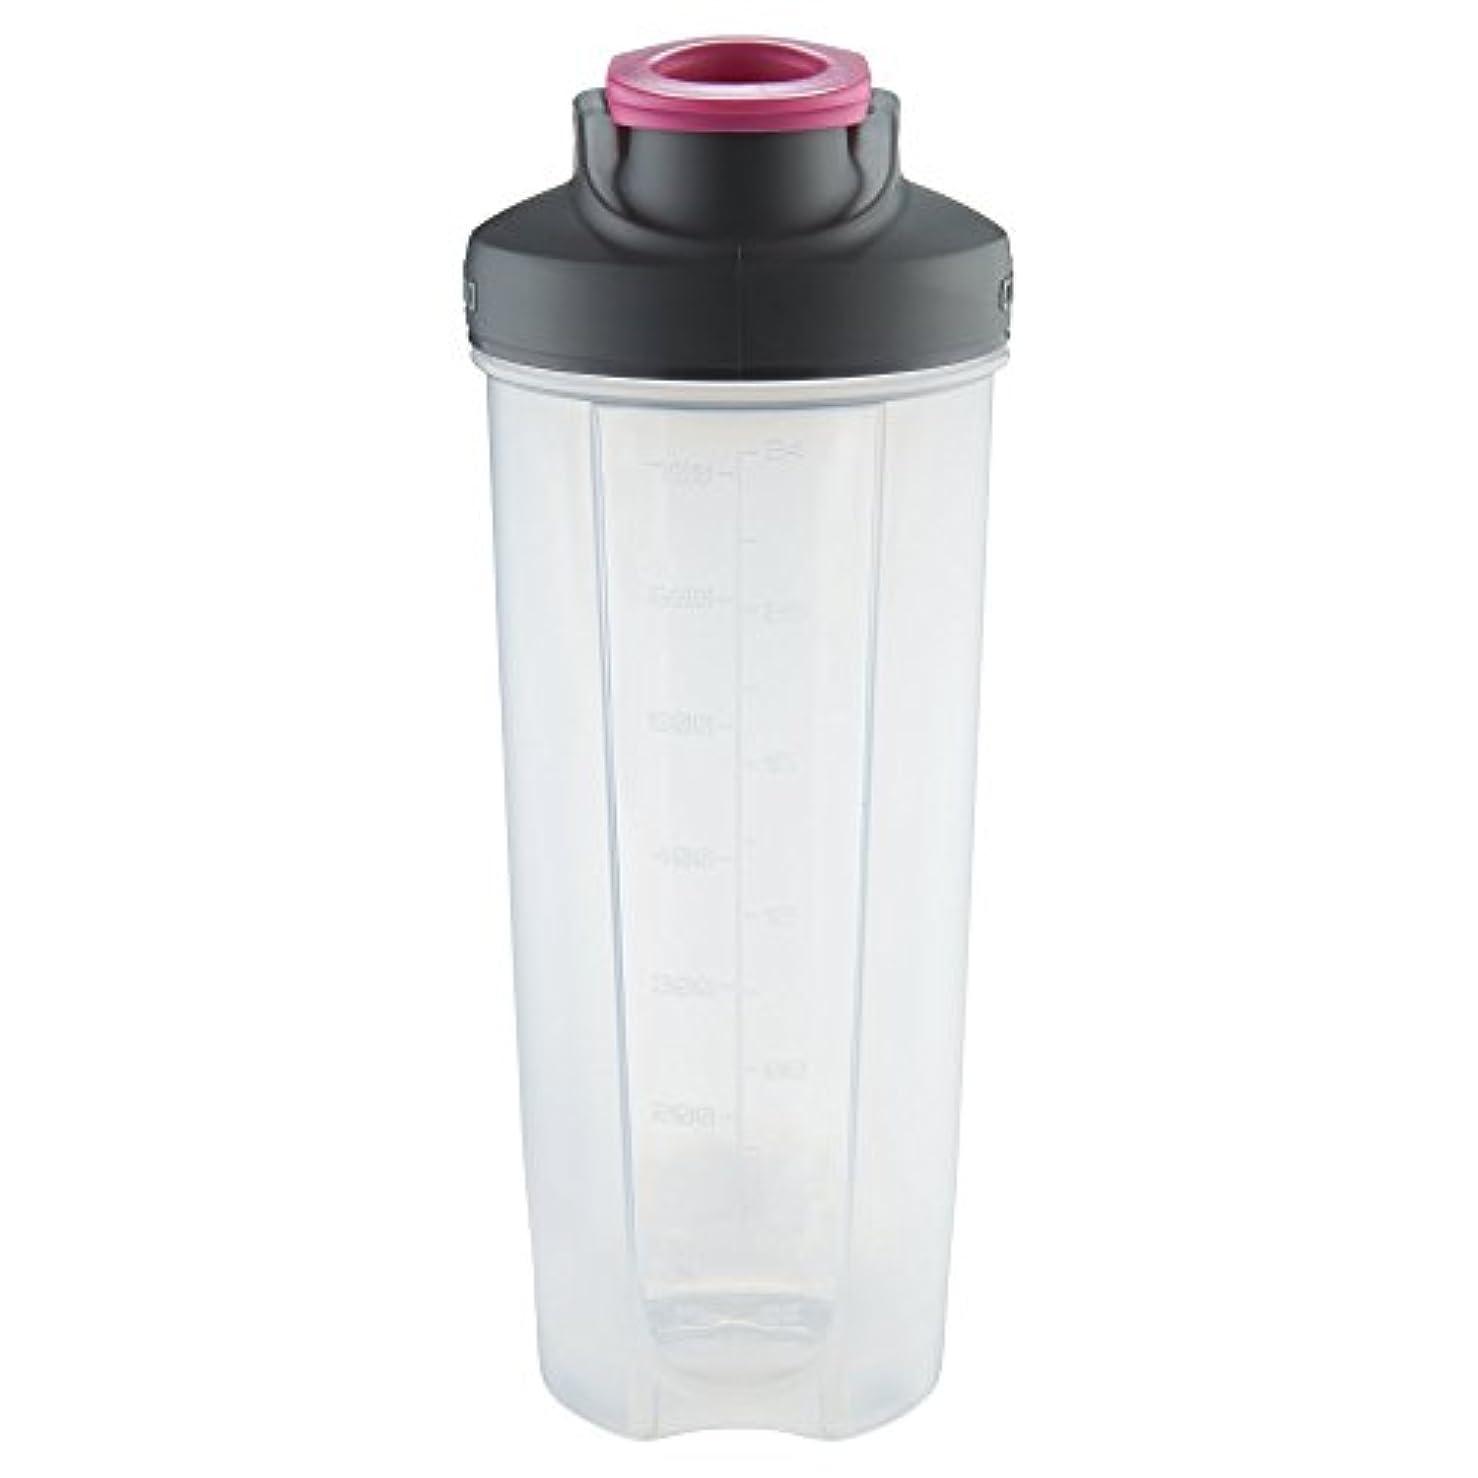 優れたアウター送料Contigo 70293 Shake & Go Fit Mixer Bottle, 28 oz, Neon Pink by Contigo